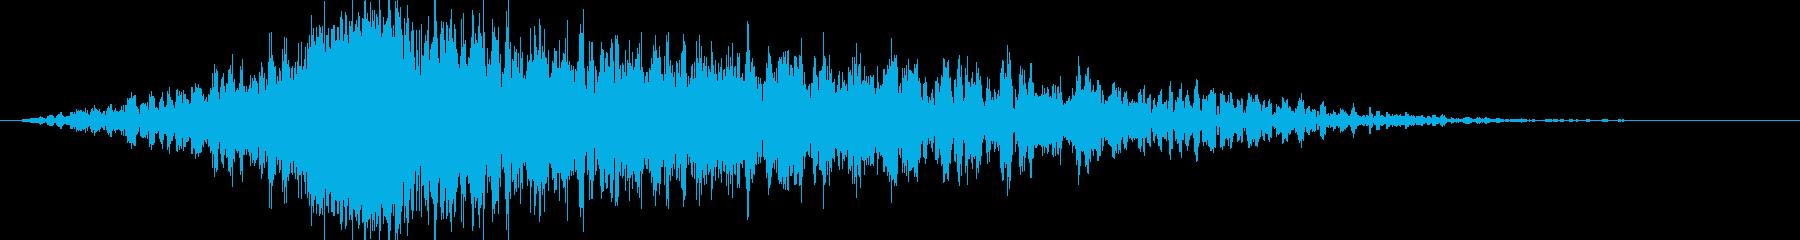 シューどん:迫力のオープニングシーン5の再生済みの波形